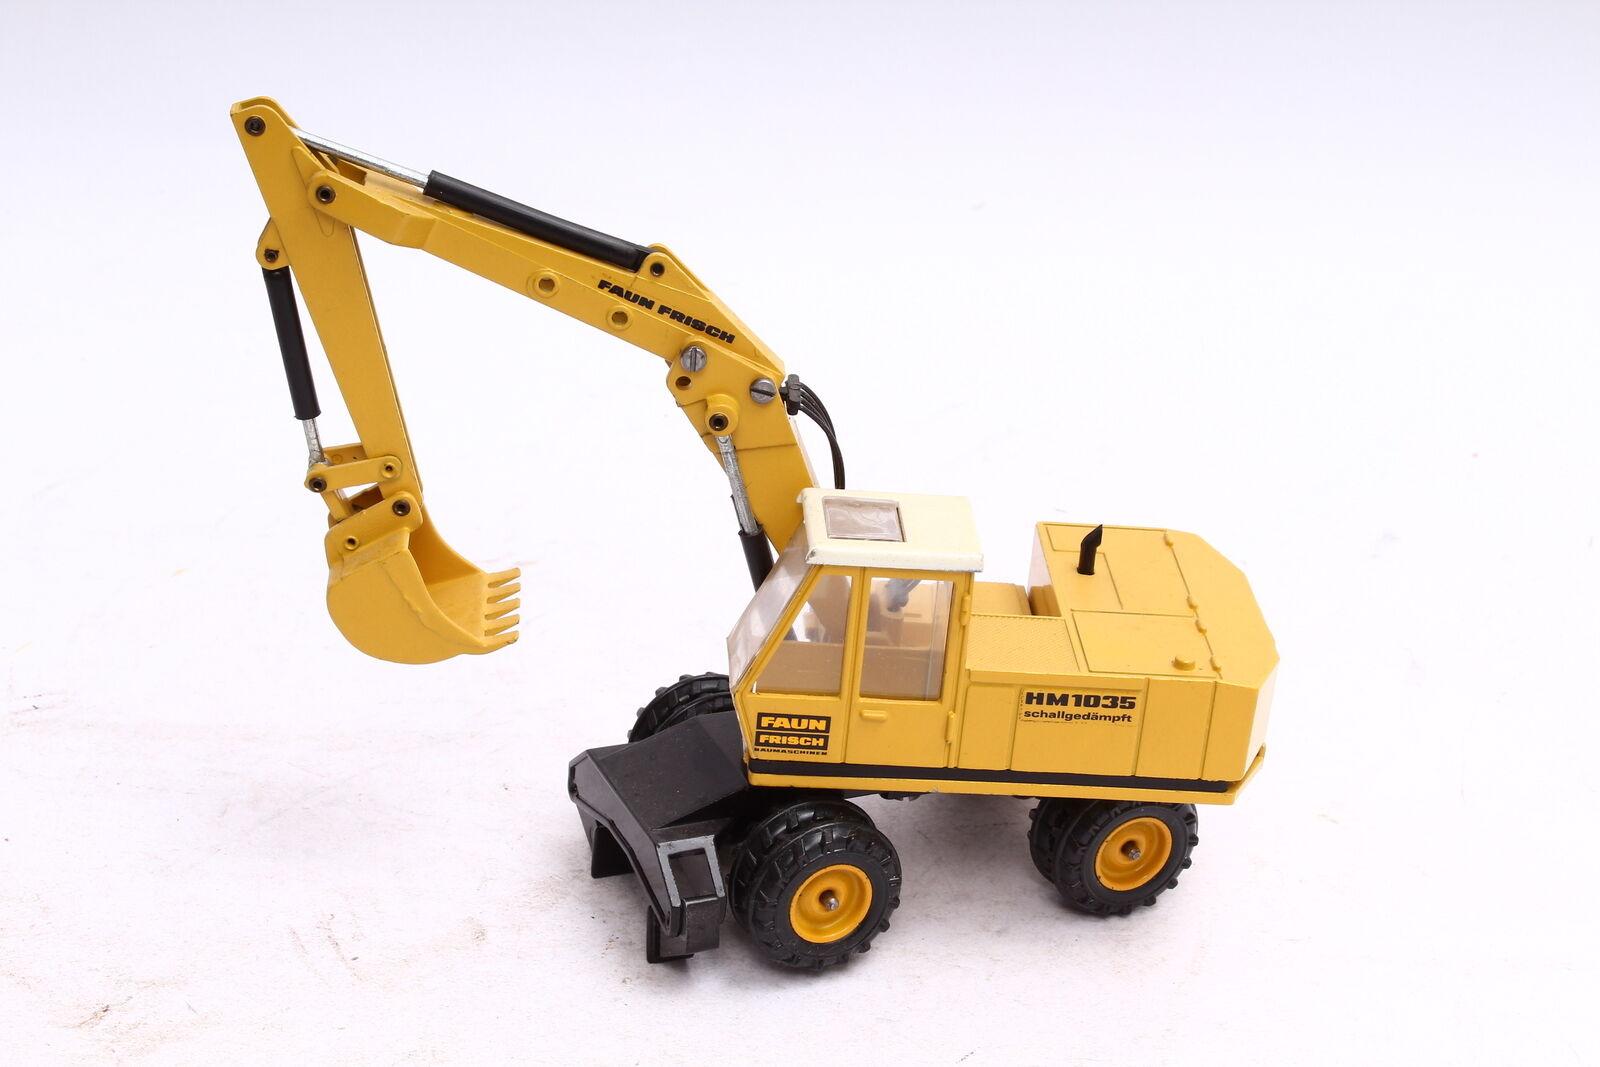 NZG 174 Faun Frisch HM 1035 Schallgedämpft Mobilbagger 1 50